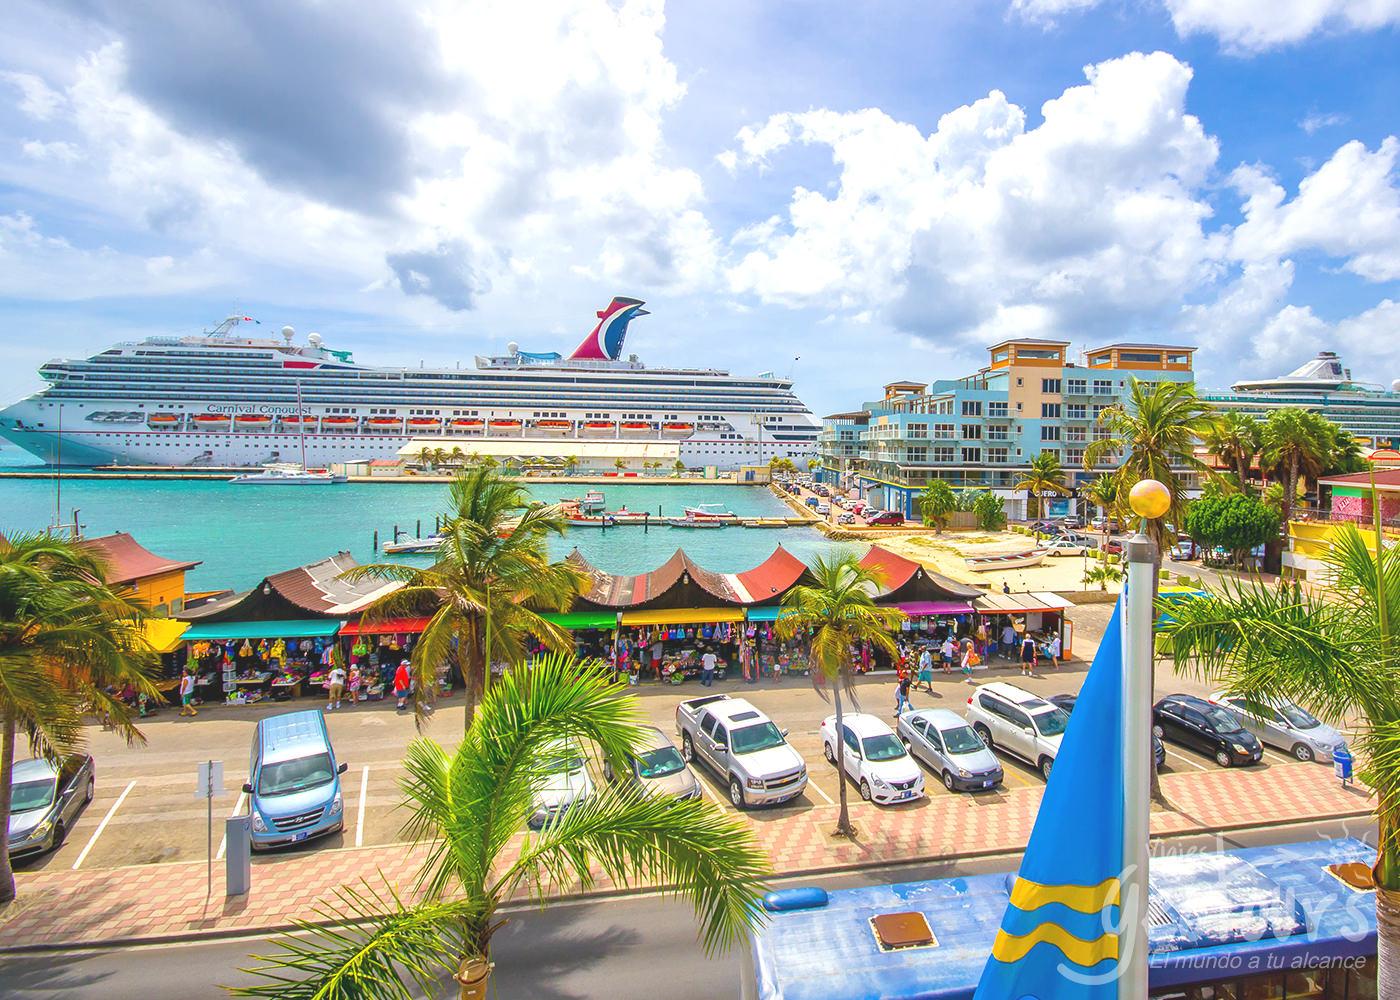 Crucero Pullmantur desde Cartagena, Barco Monarch